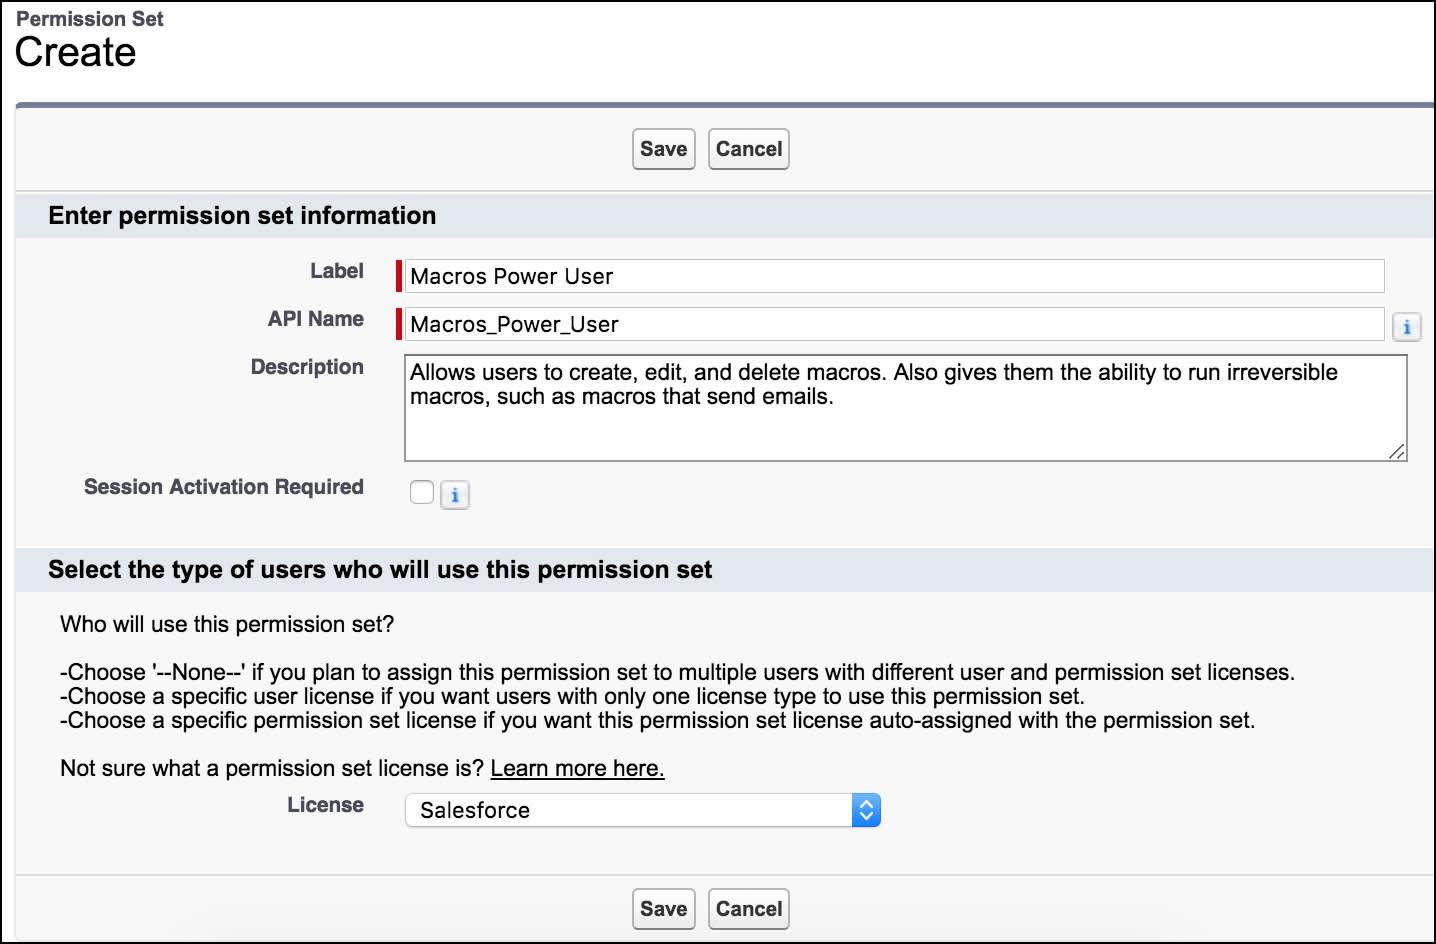 権限セットを作成するページにマクロの情報が表示されています。